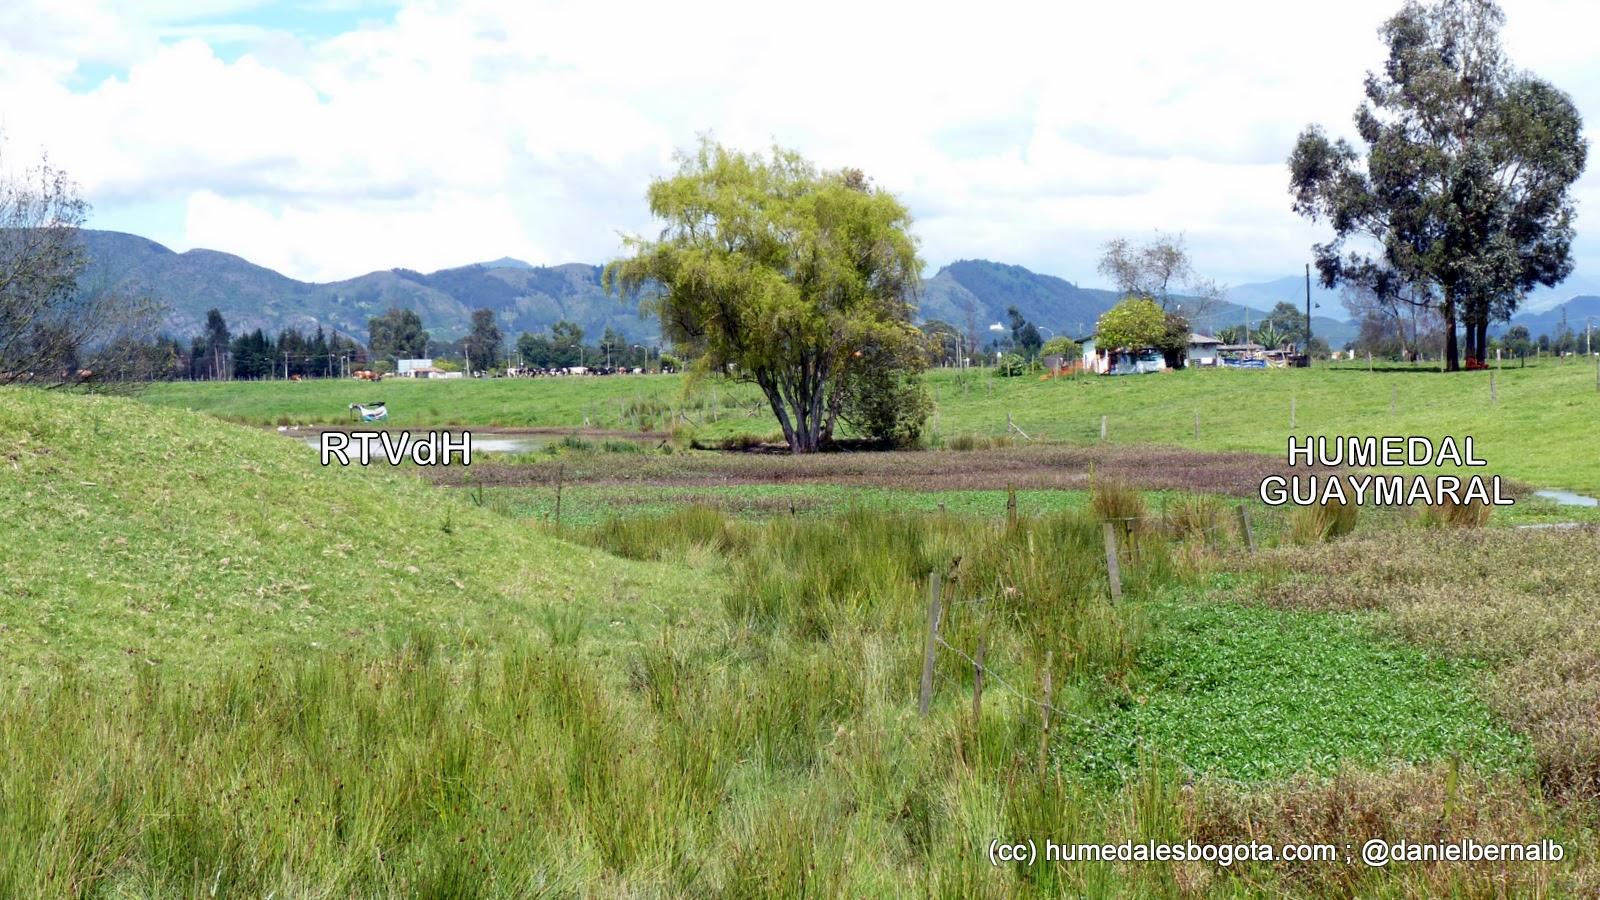 Humedal Torca-Guaymaral, sector Guaymaral vecino a la Reserva Thomas Van der Hammen